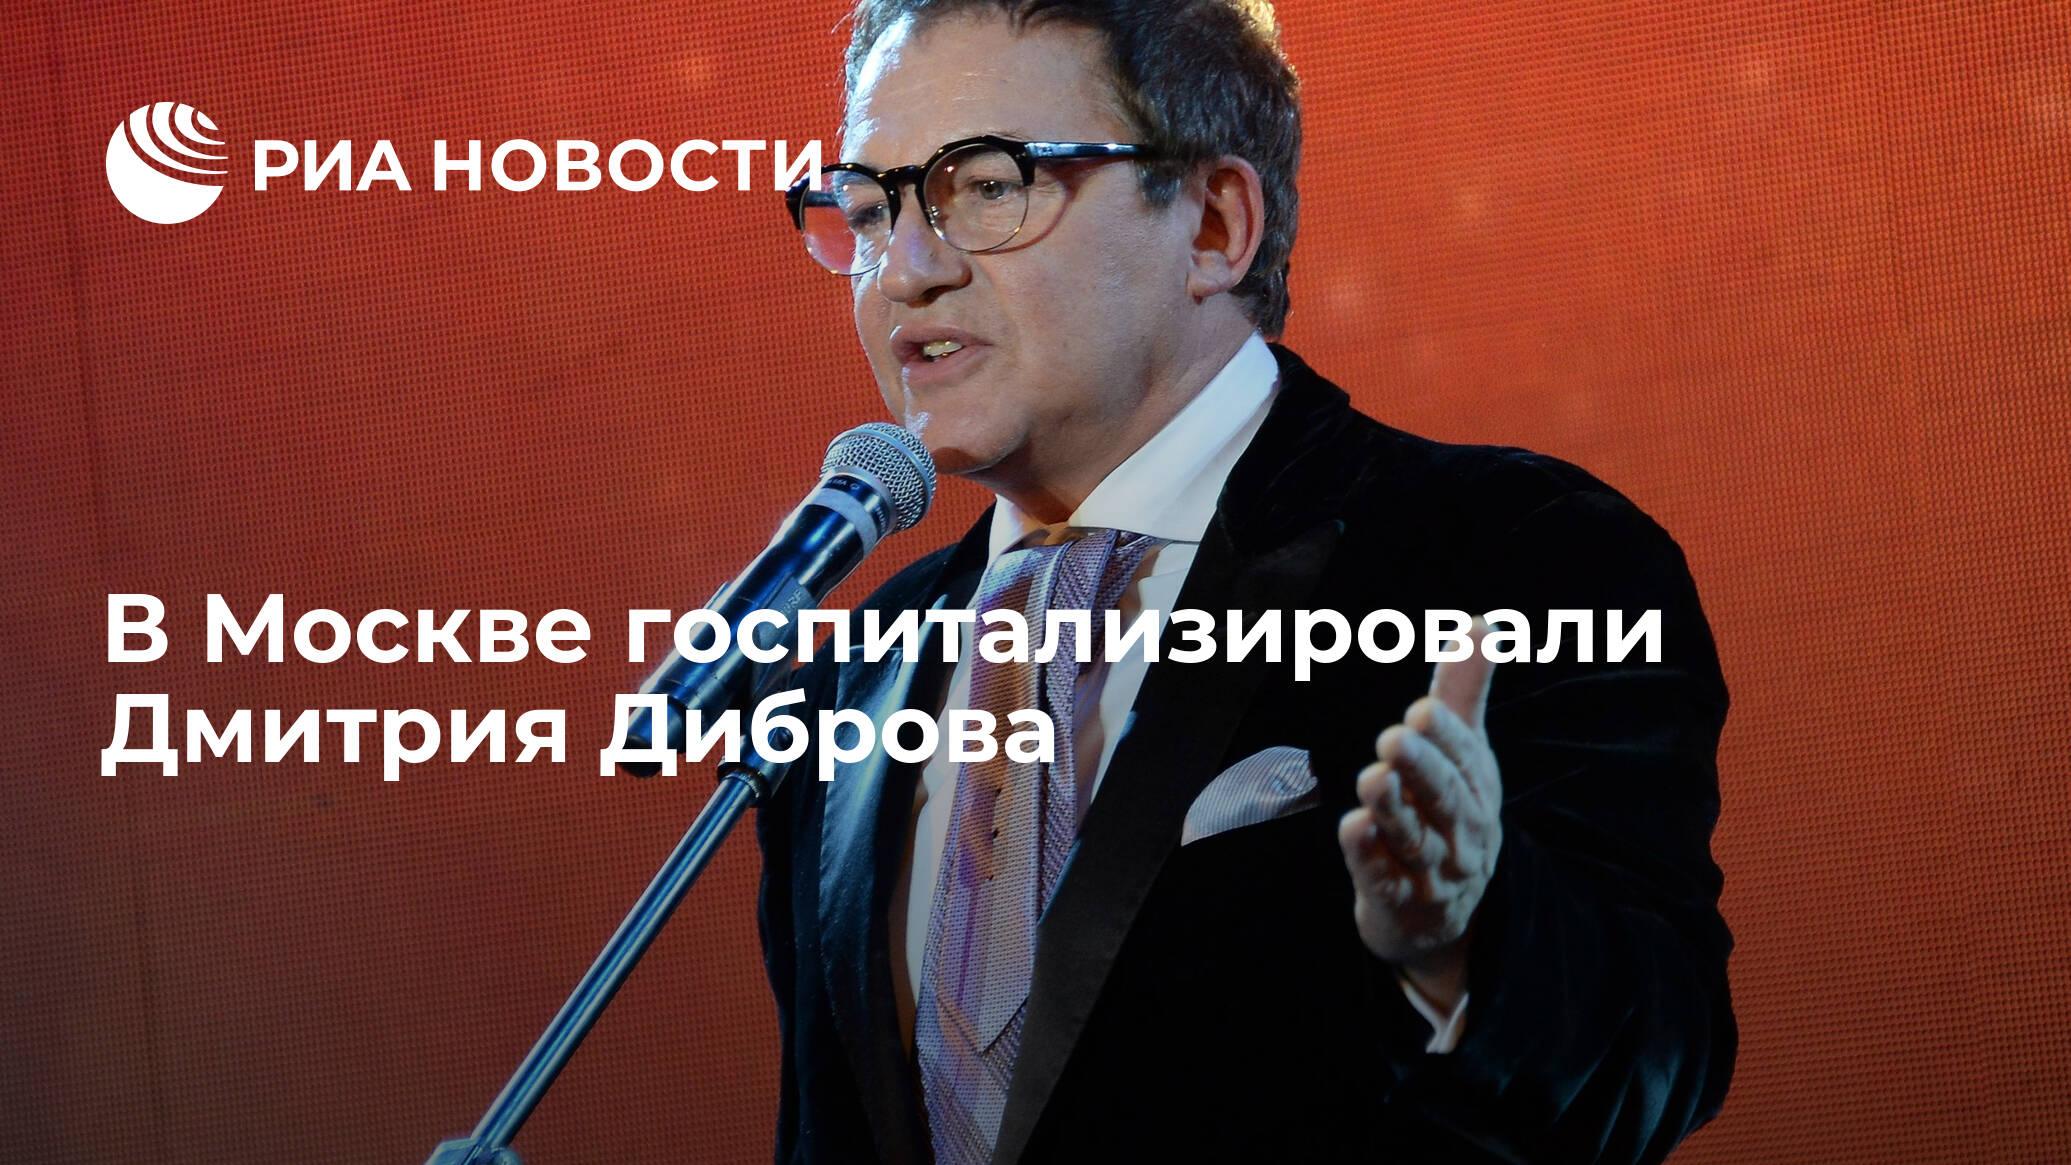 Dmitriy Dibrov